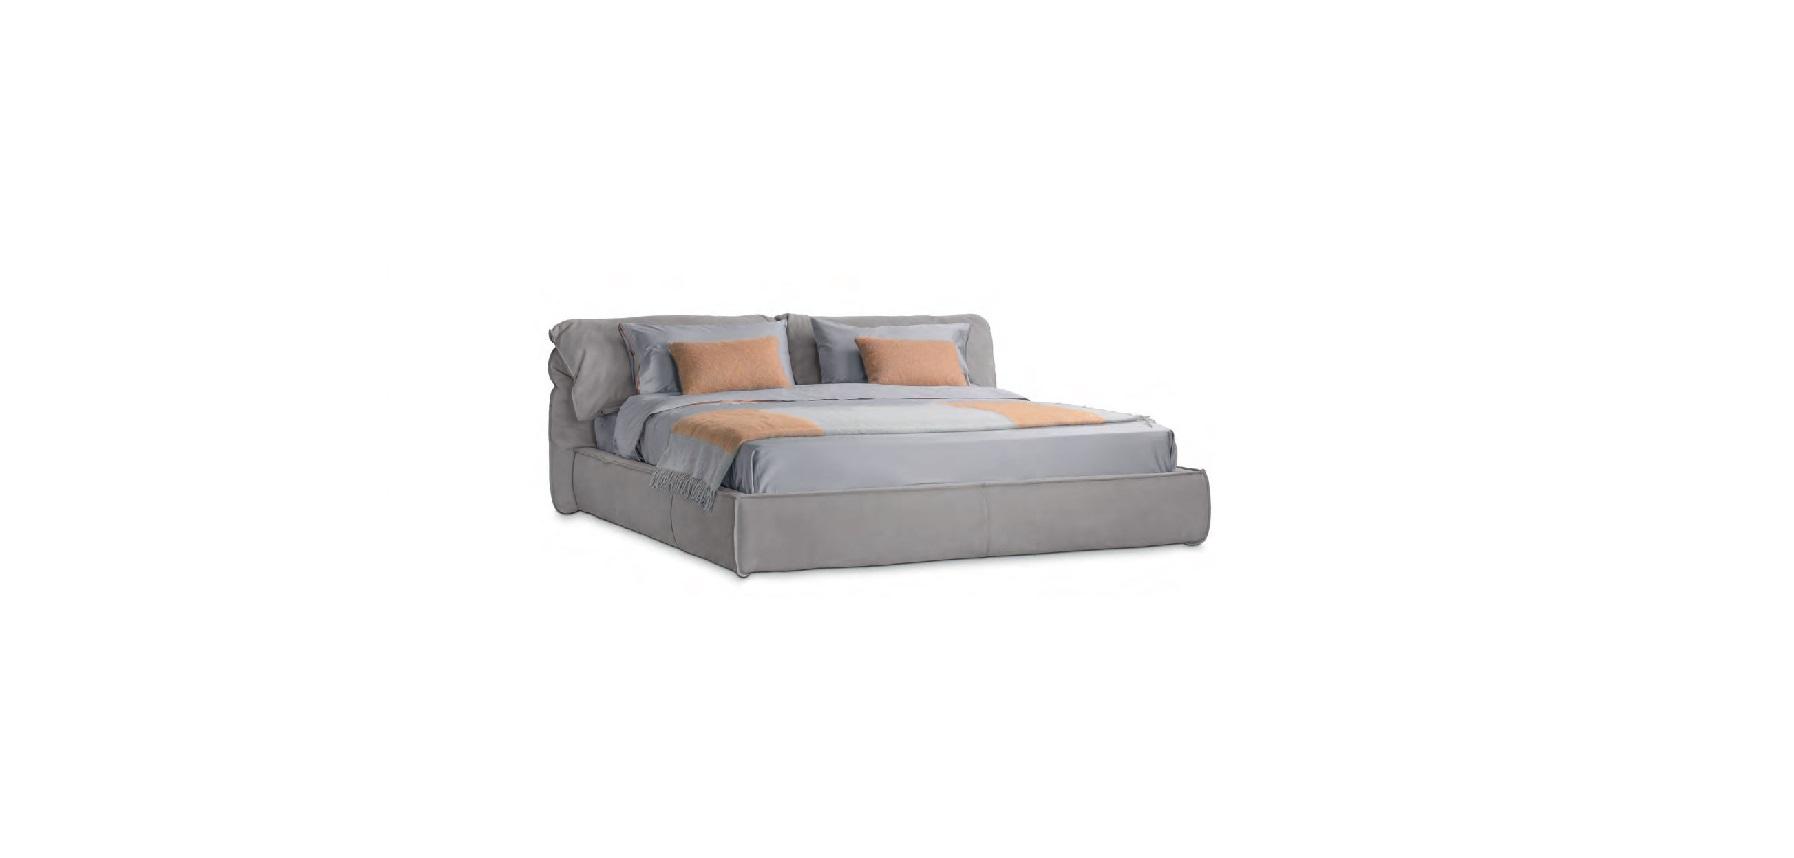 Baxter Casablanca bed1.jpg